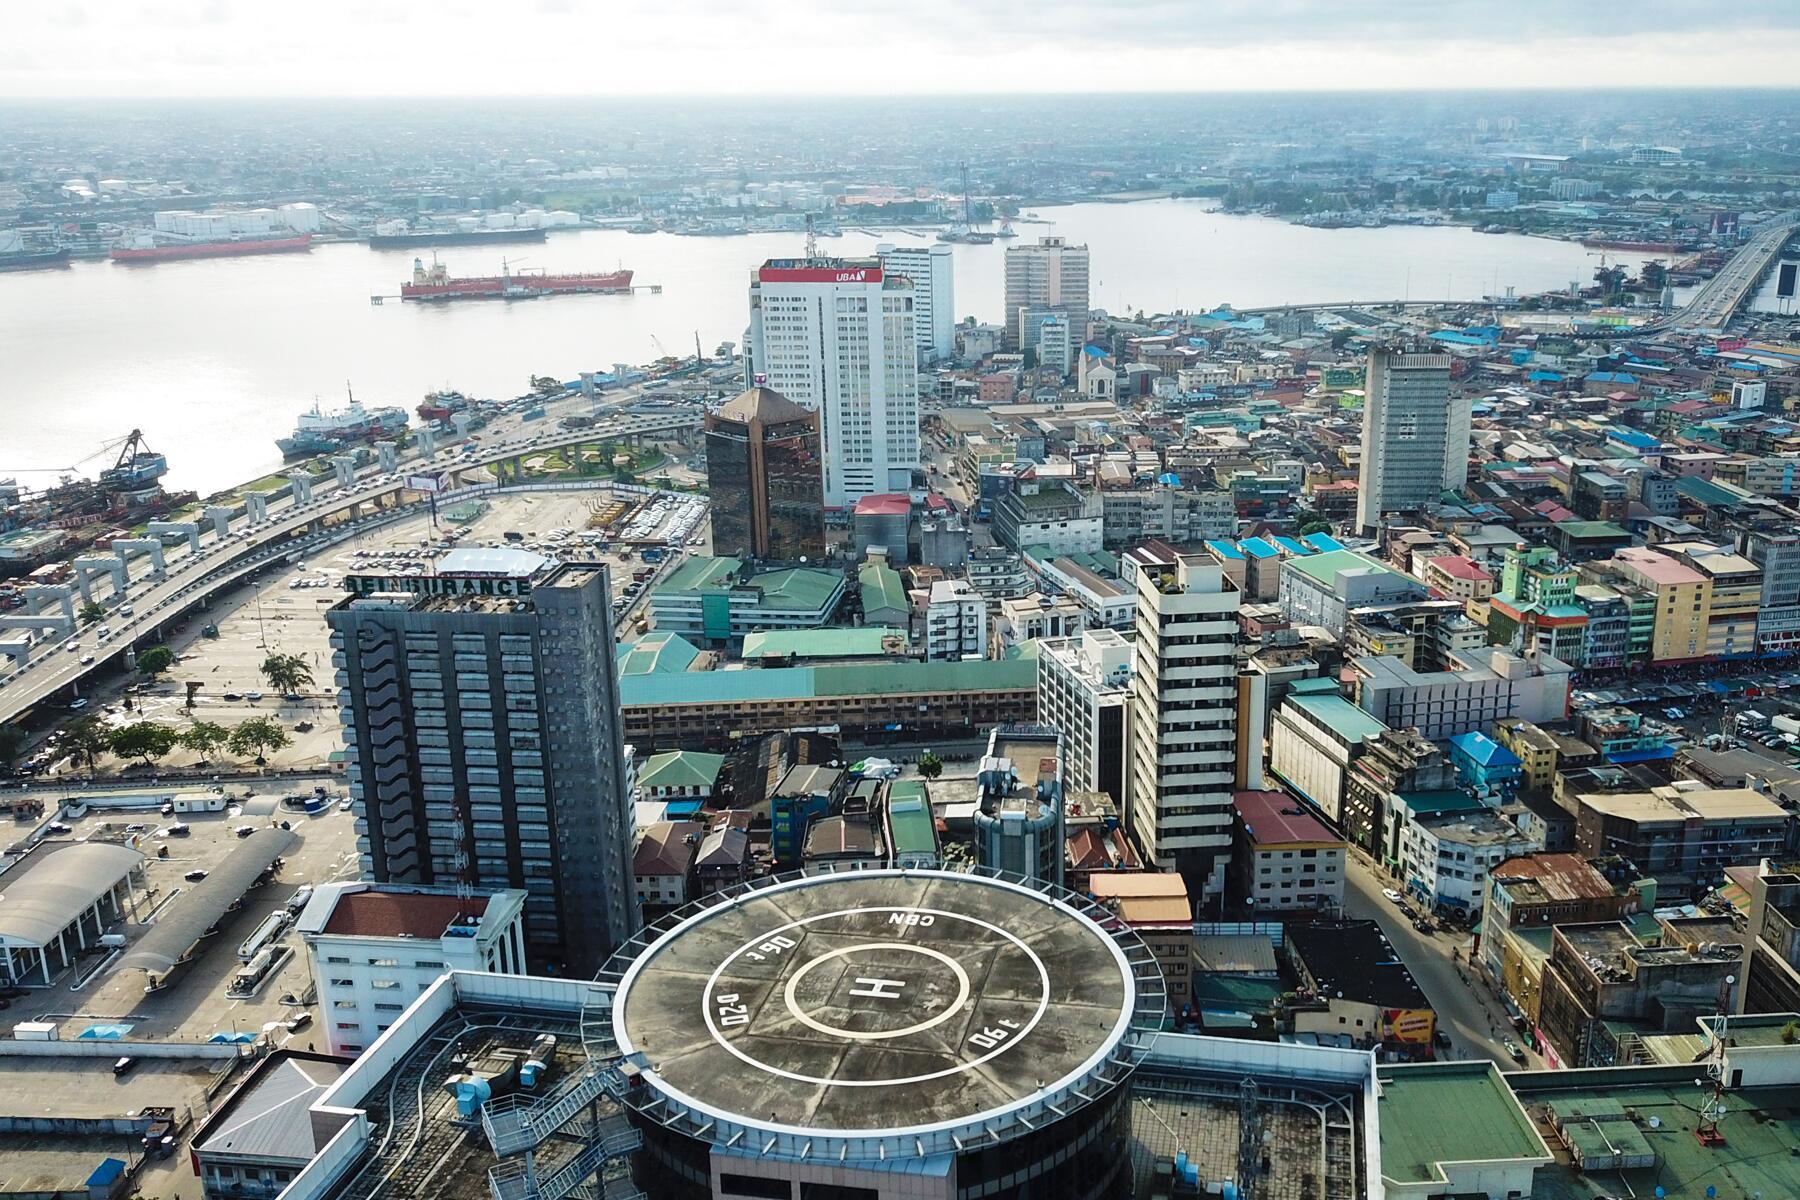 Nigeria - Negara Dengan Tingkat Kriminal Paling Tinggi di Dunia, Berani Pergi Ke Sana.jpg